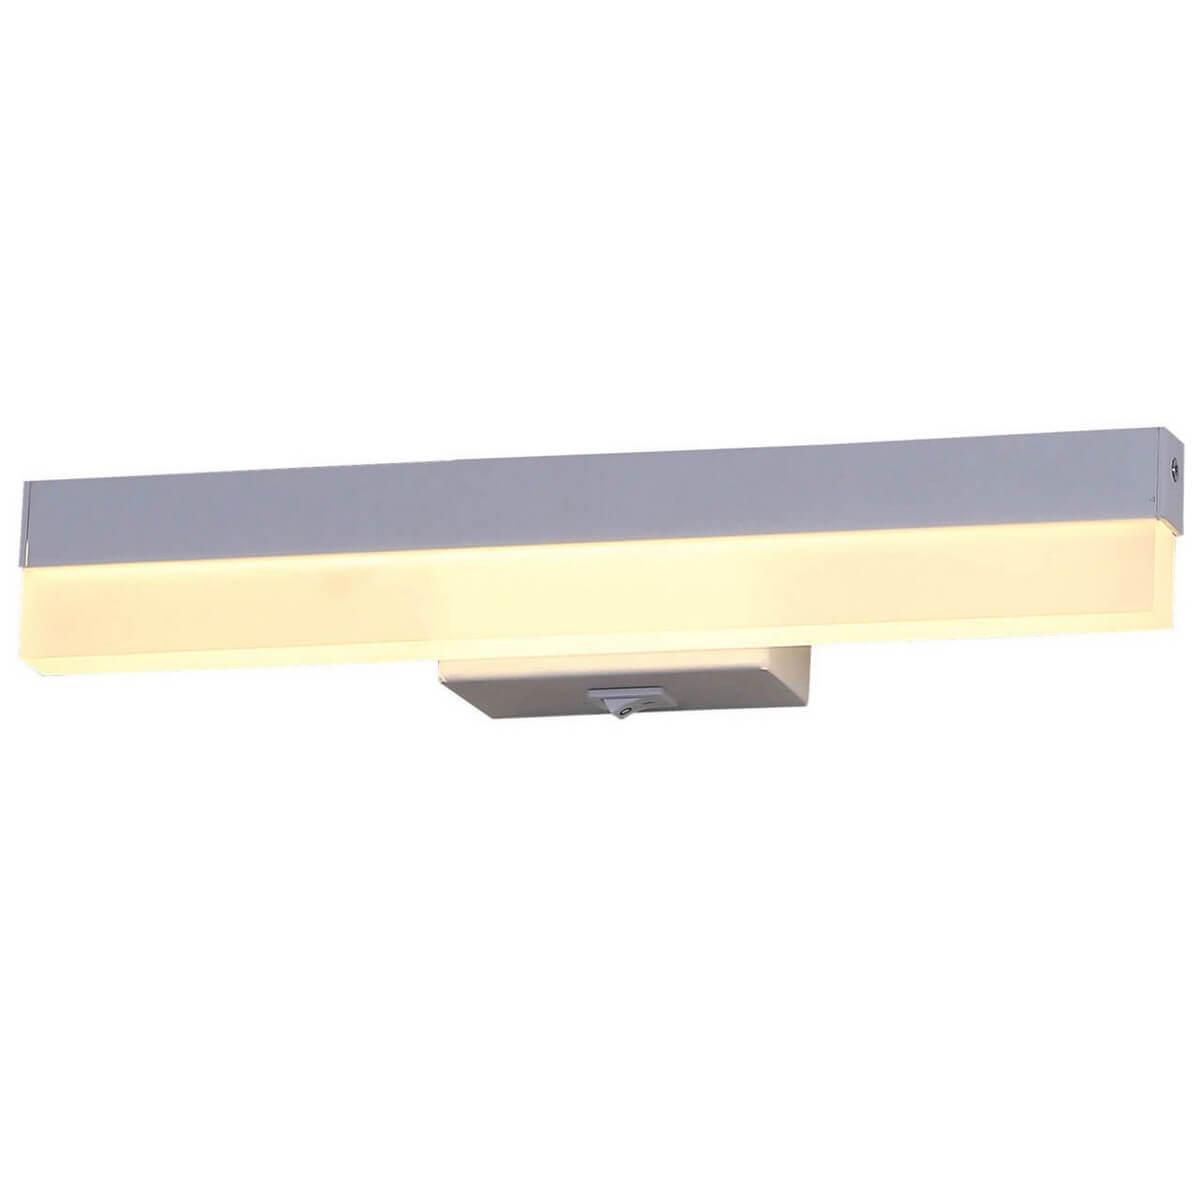 цены на Настенный светильник Kink Light 08151(4000K), LED, 6 Вт  в интернет-магазинах